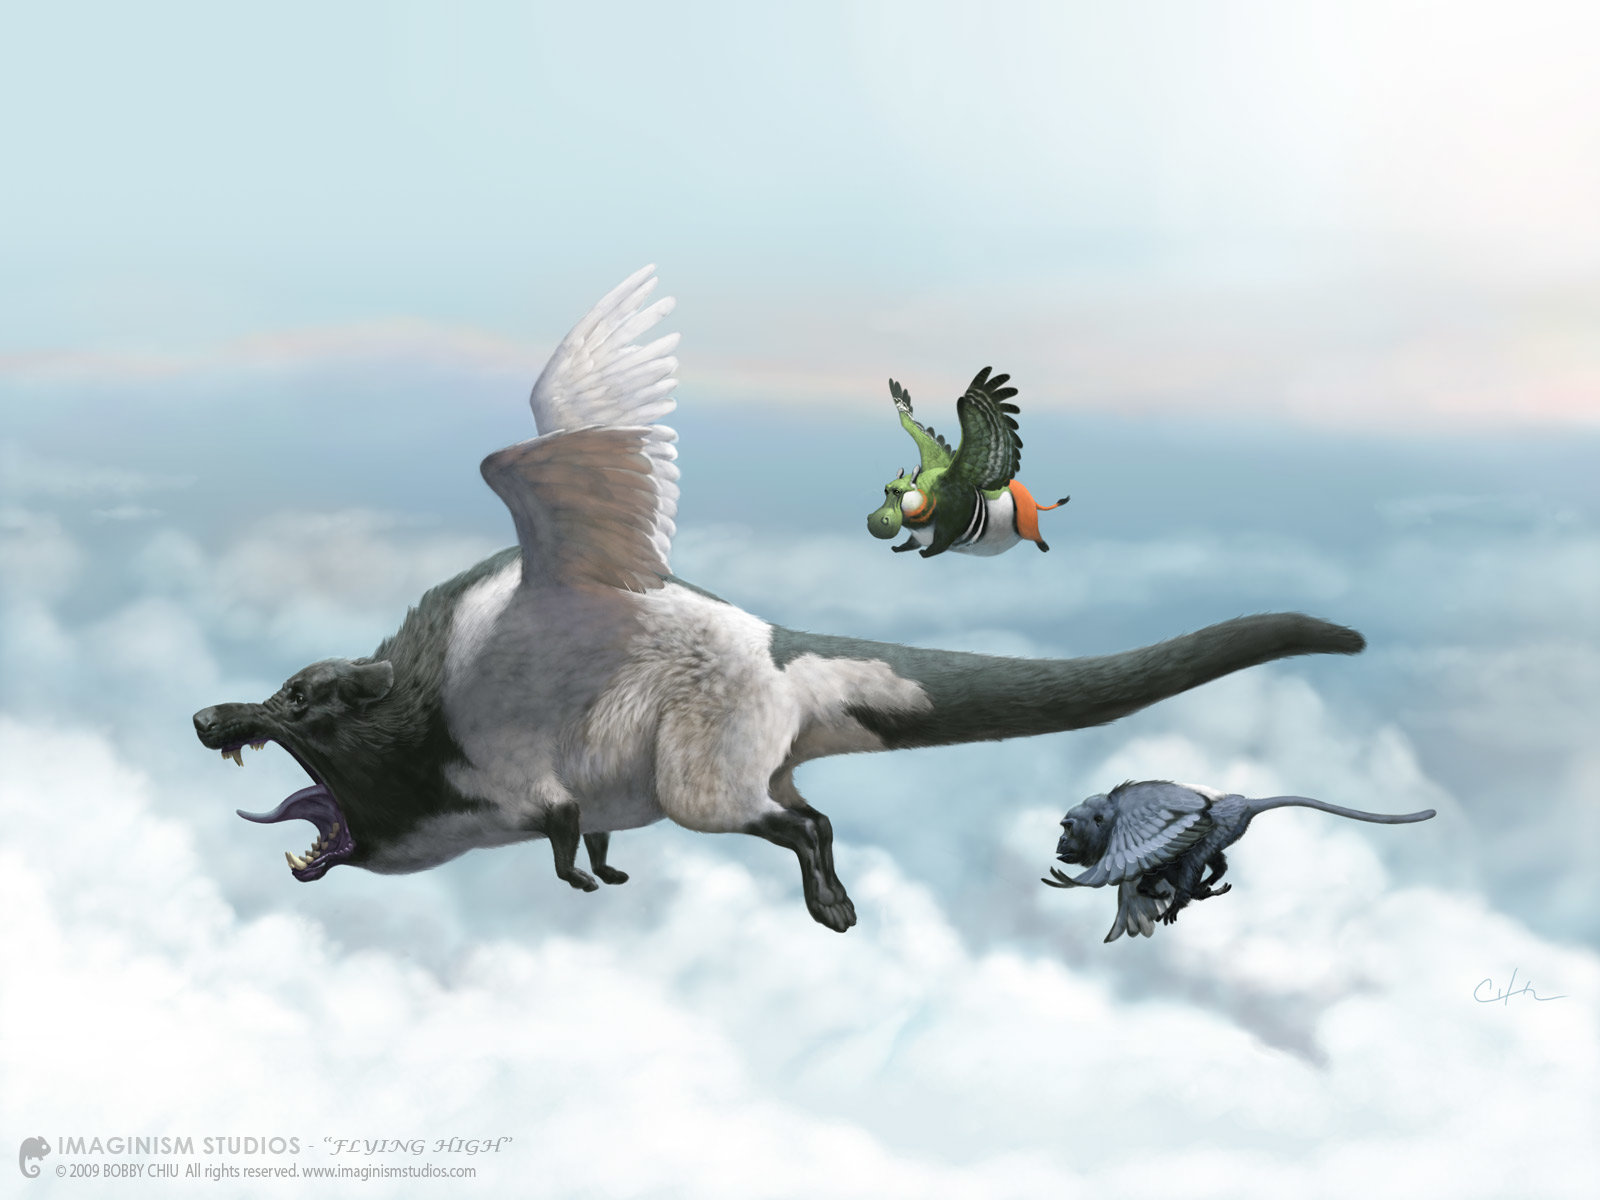 bobby-chiu-flying-high-by-imaginism.jpg